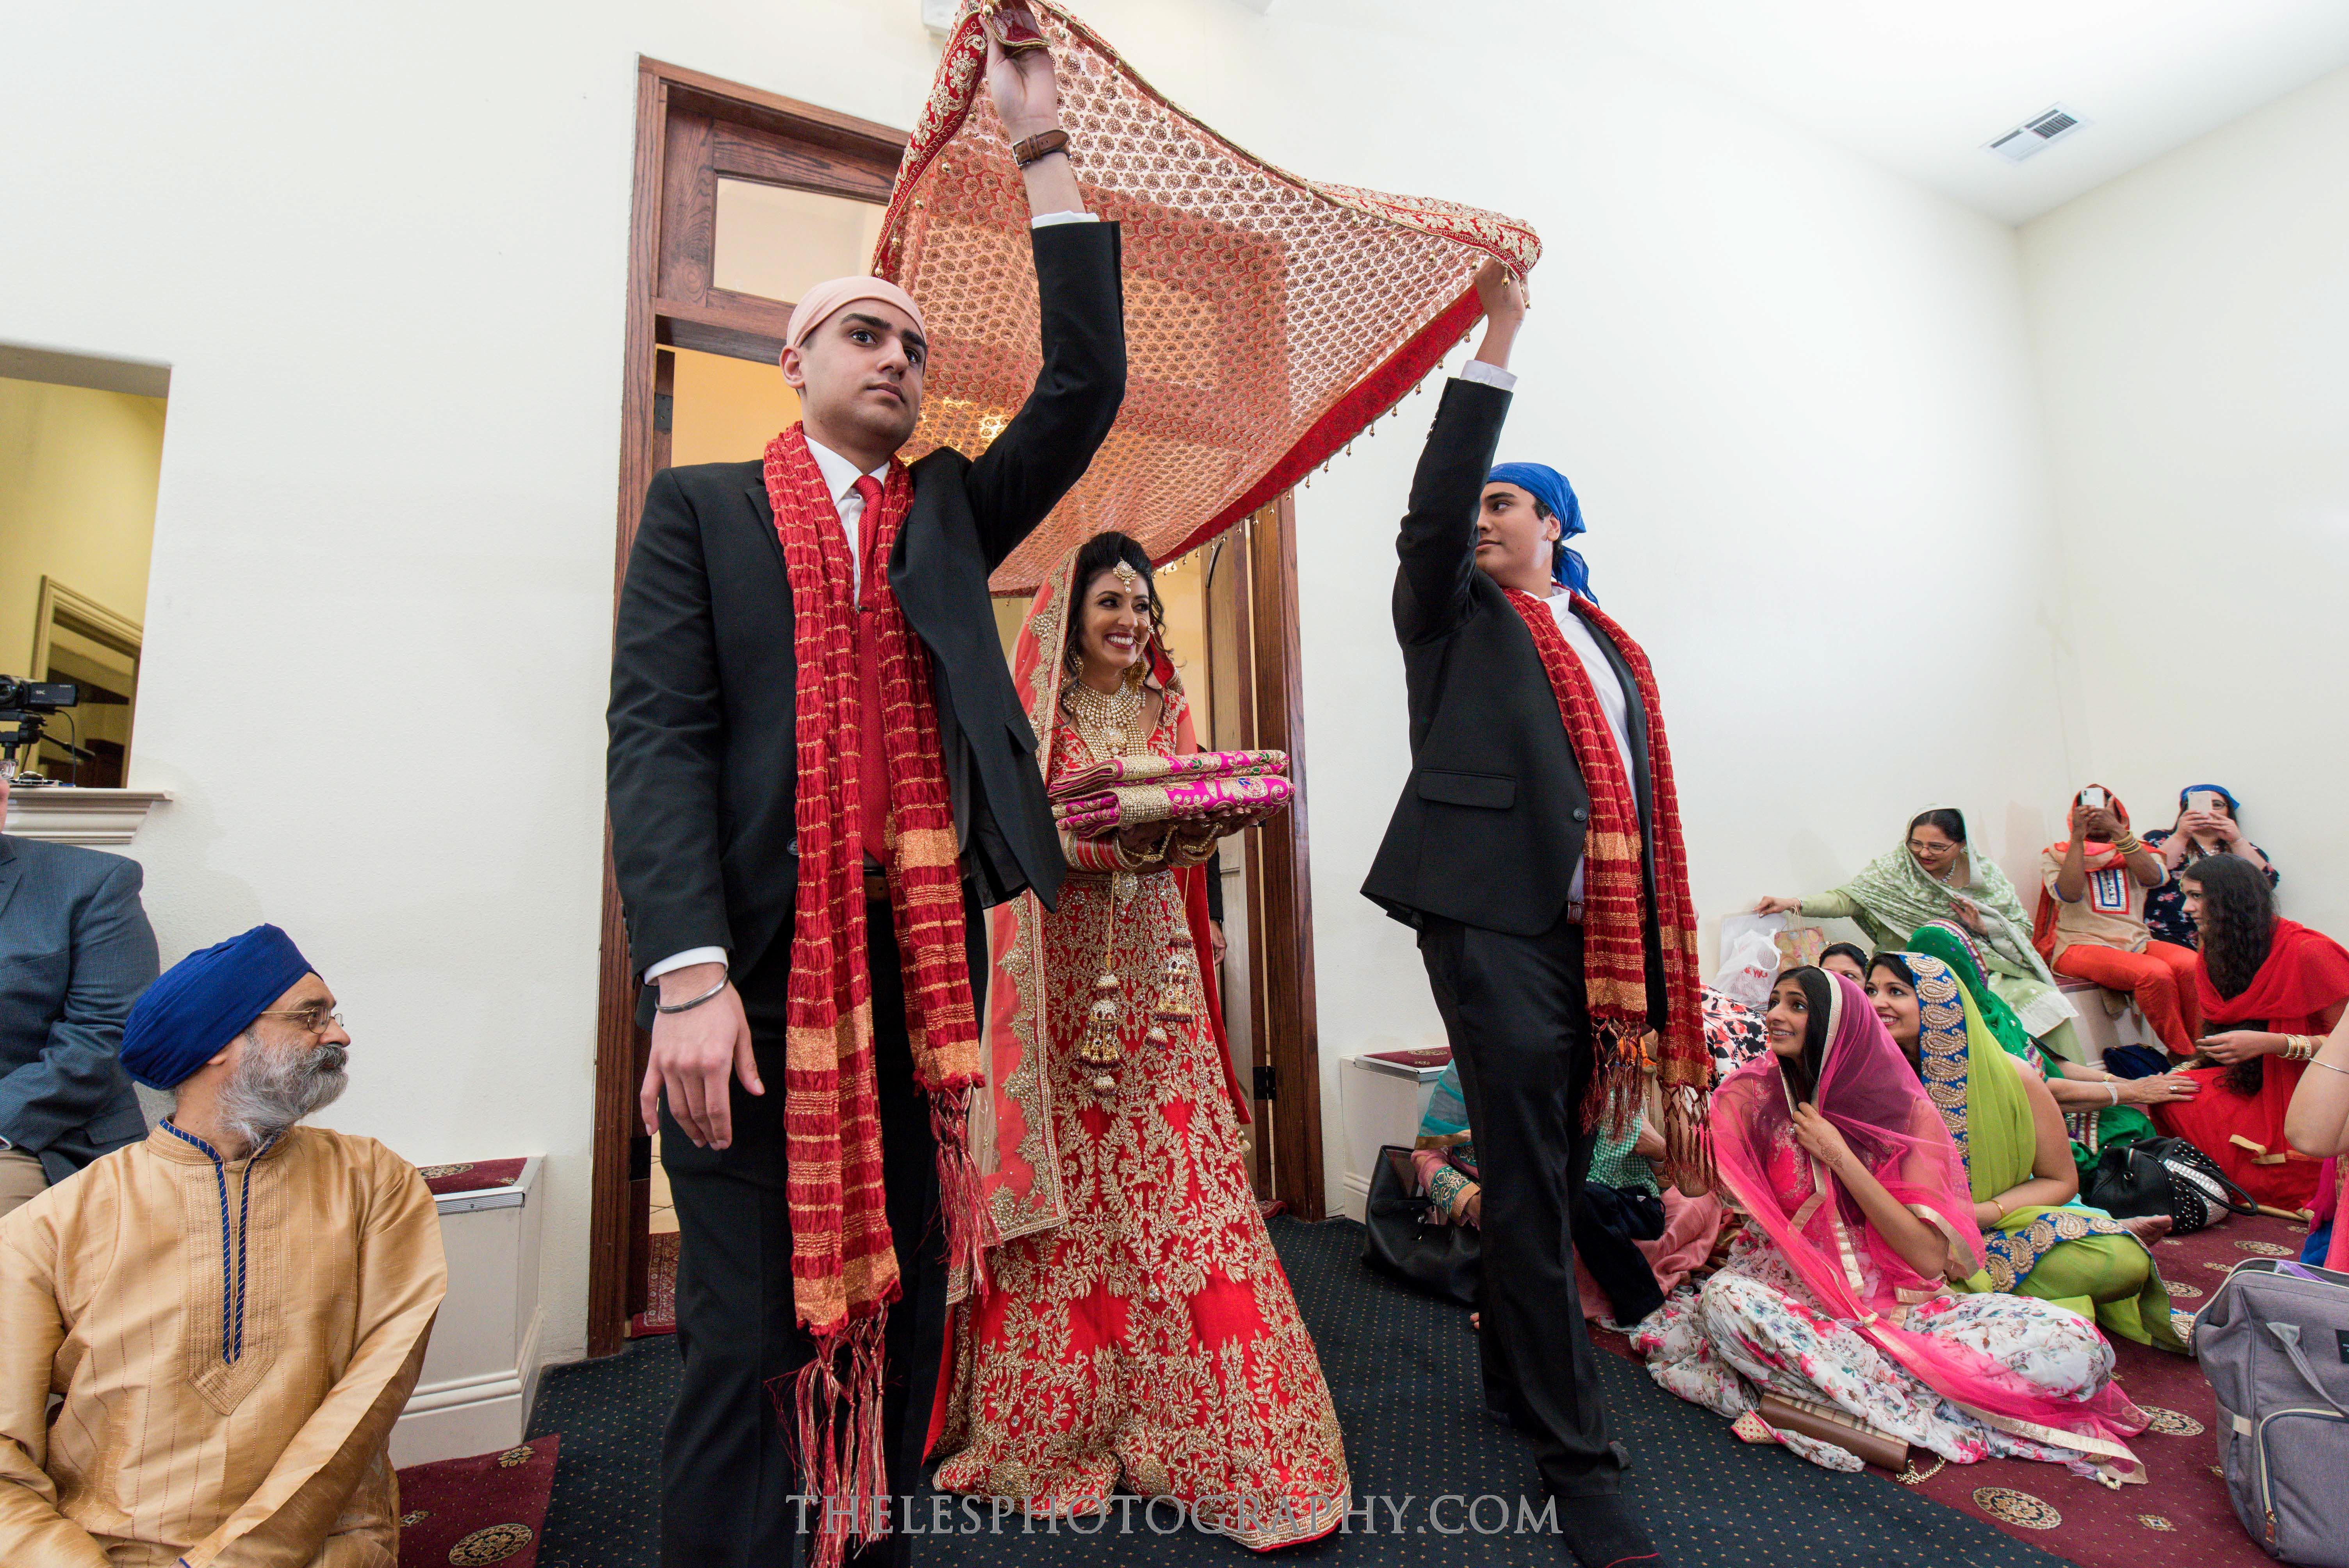 The Les Photography - Punjabi Wedding - Sikh Indian Wedding - Dallas Wedding Photographer 29